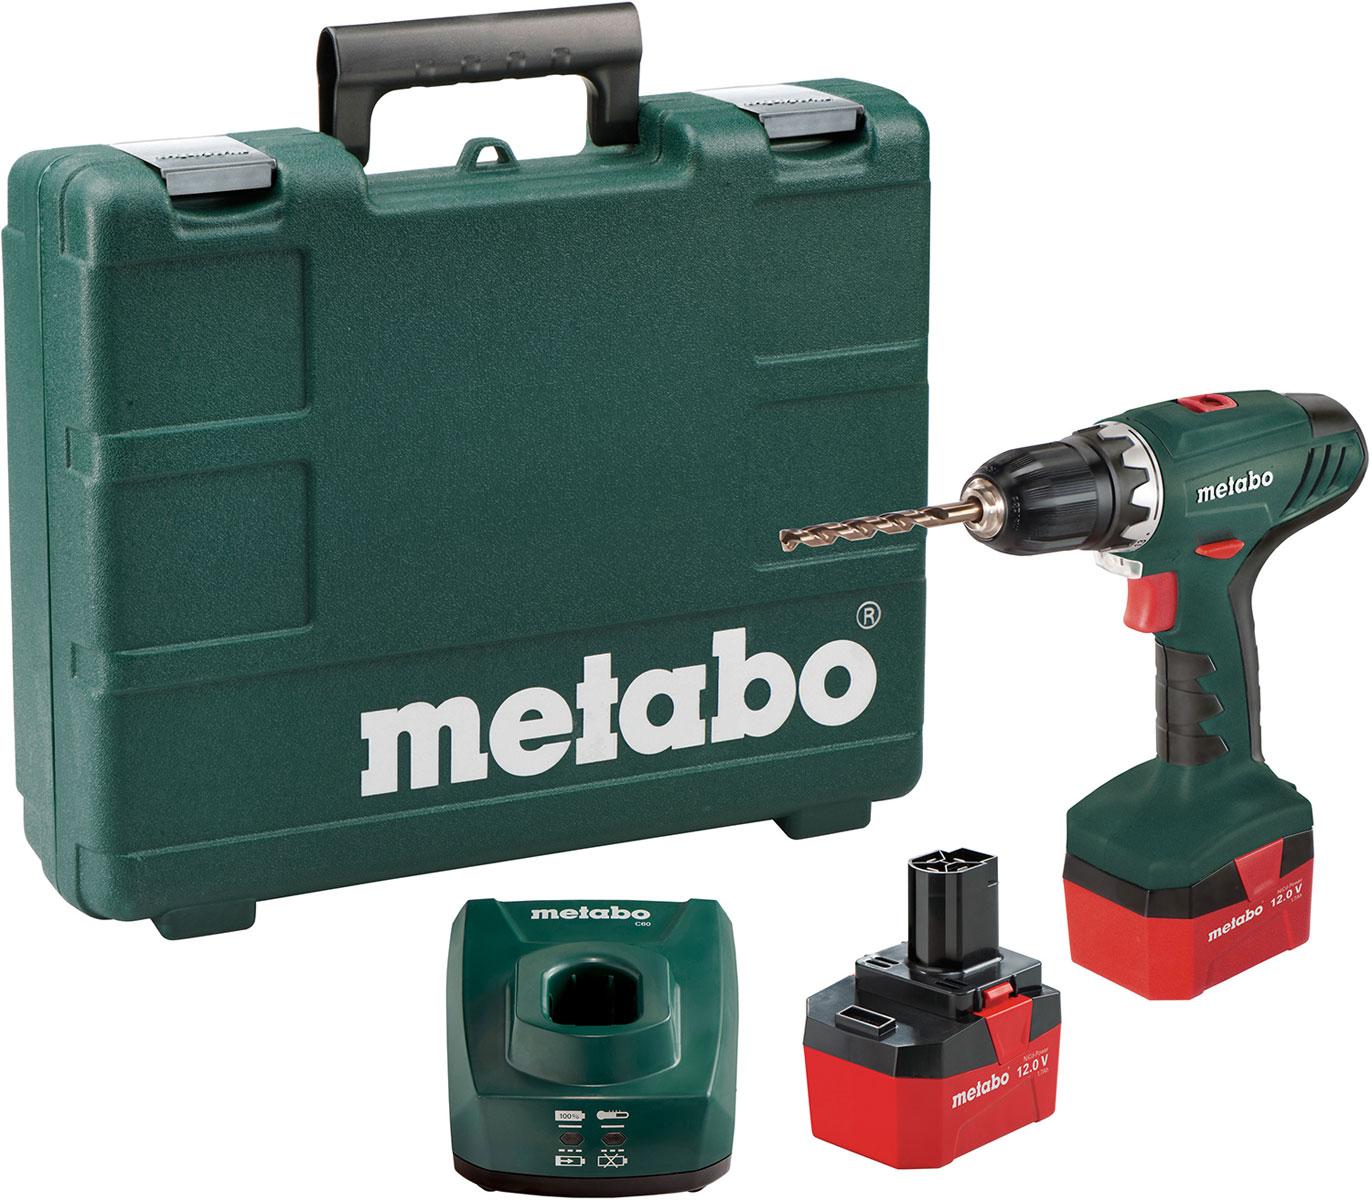 Аккумуляторный винтоверт Metabo BS 12 NiCdWT-CD37Изменяемое число оборотовРеверс и быстрый останов для универсального применения с деревом и металломВстроенная подсветка для освещения рабочего местаНапряжение аккумуляторного блока 12 VЕмкость аккумуляторного блока 1.7 Ah